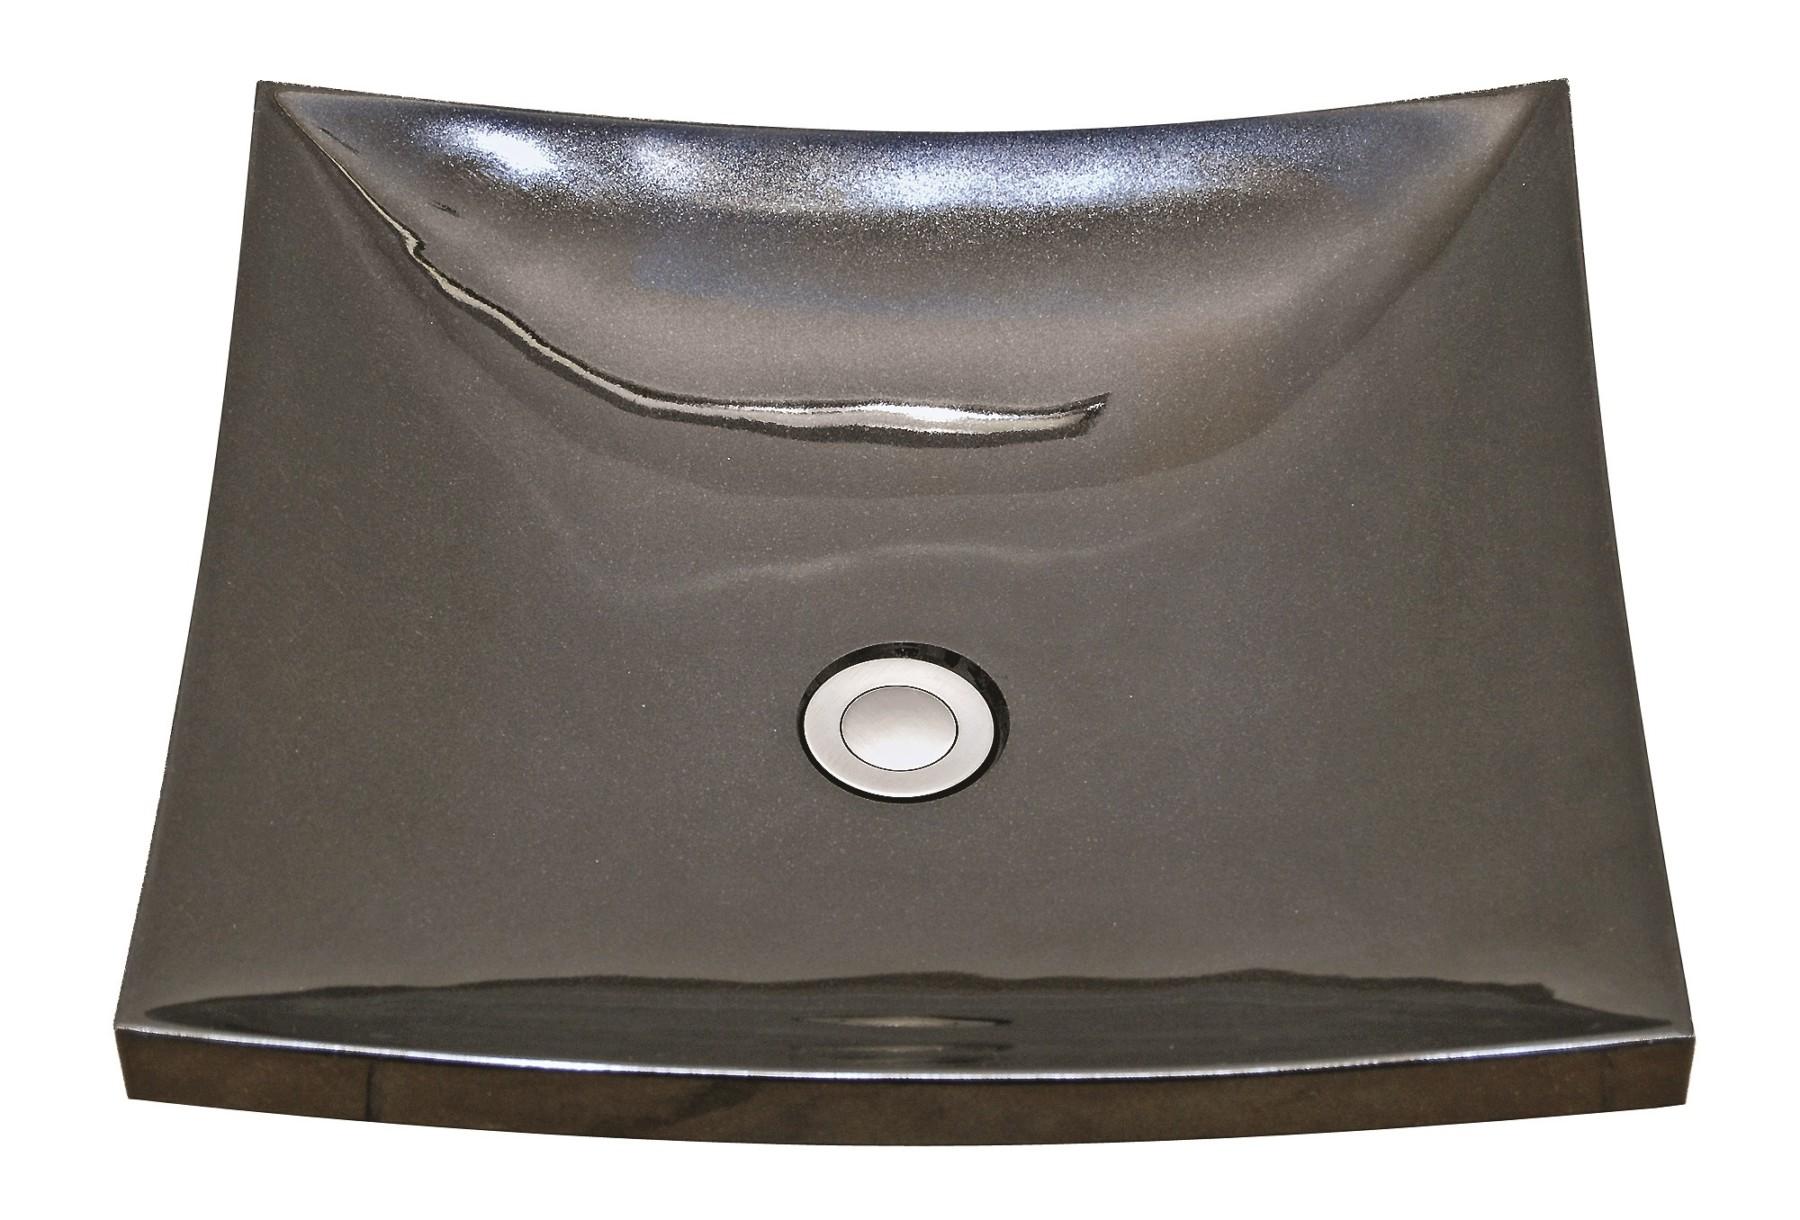 AS705B 17u2033 X 17u2033 X 5u2033 Absolute Black Vessel Natural Stone Sink